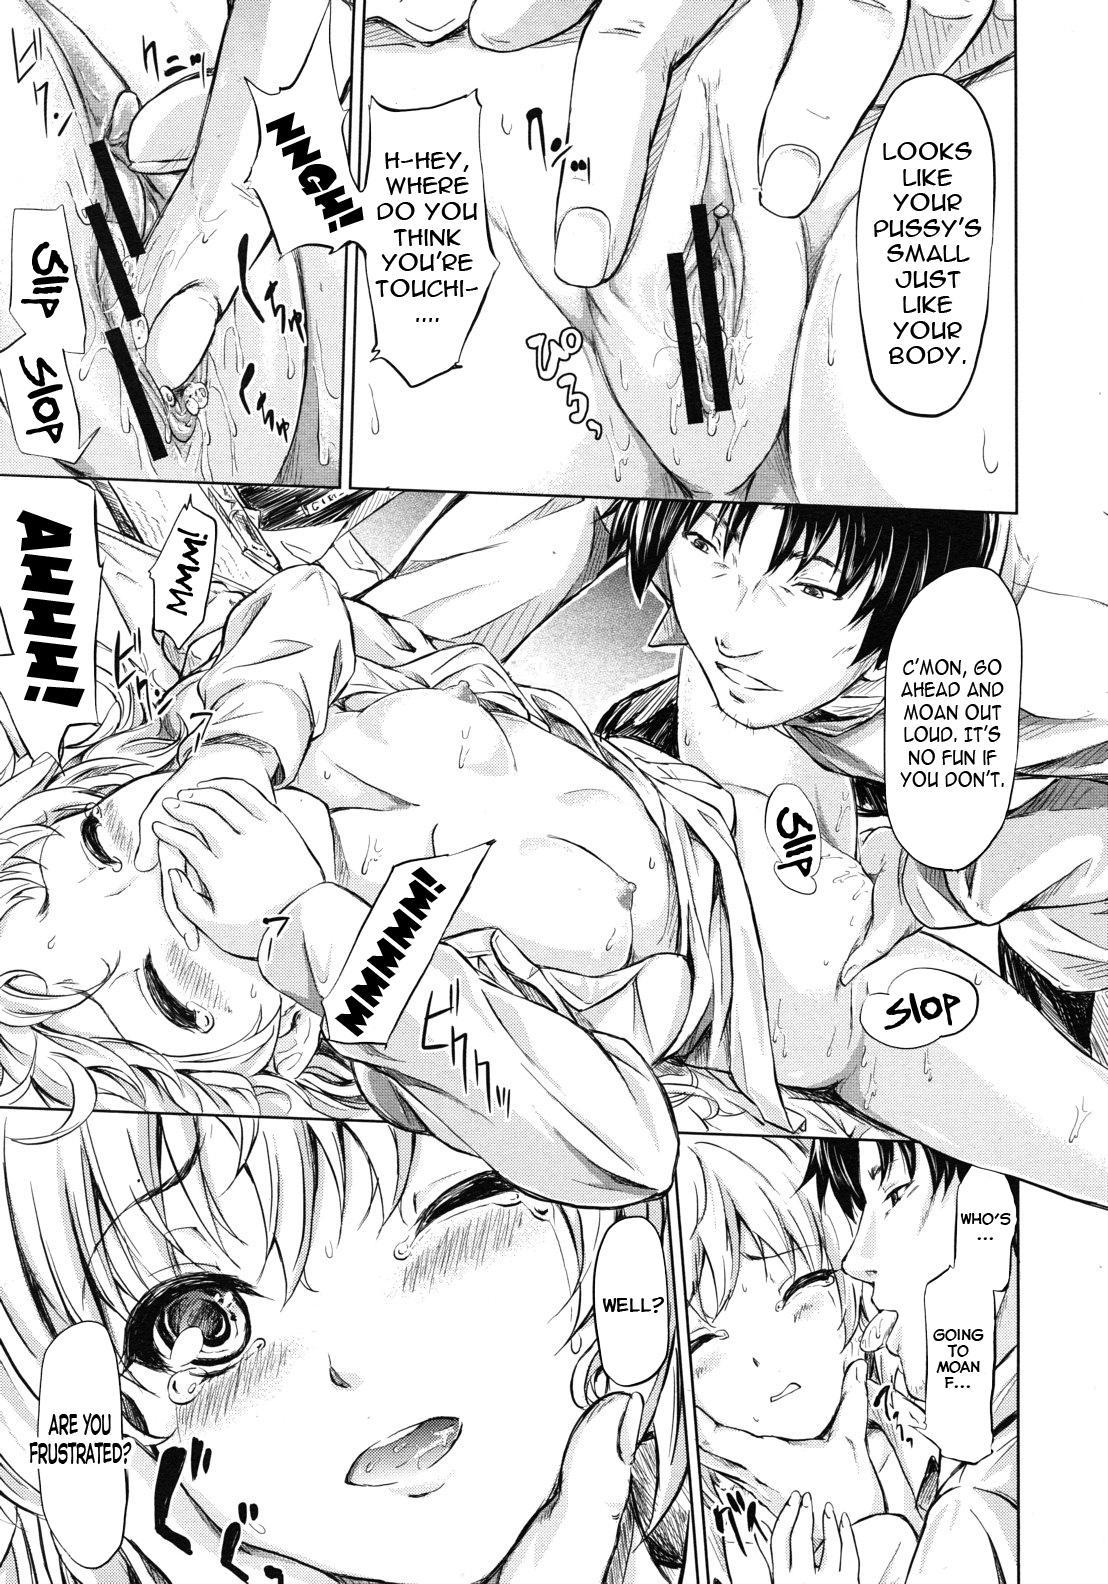 [Shiki Takuto] if - Tokei Monogatari | if - A Story About a Watch (Comic MUJIN 2012-07) [English] =LWB= 20